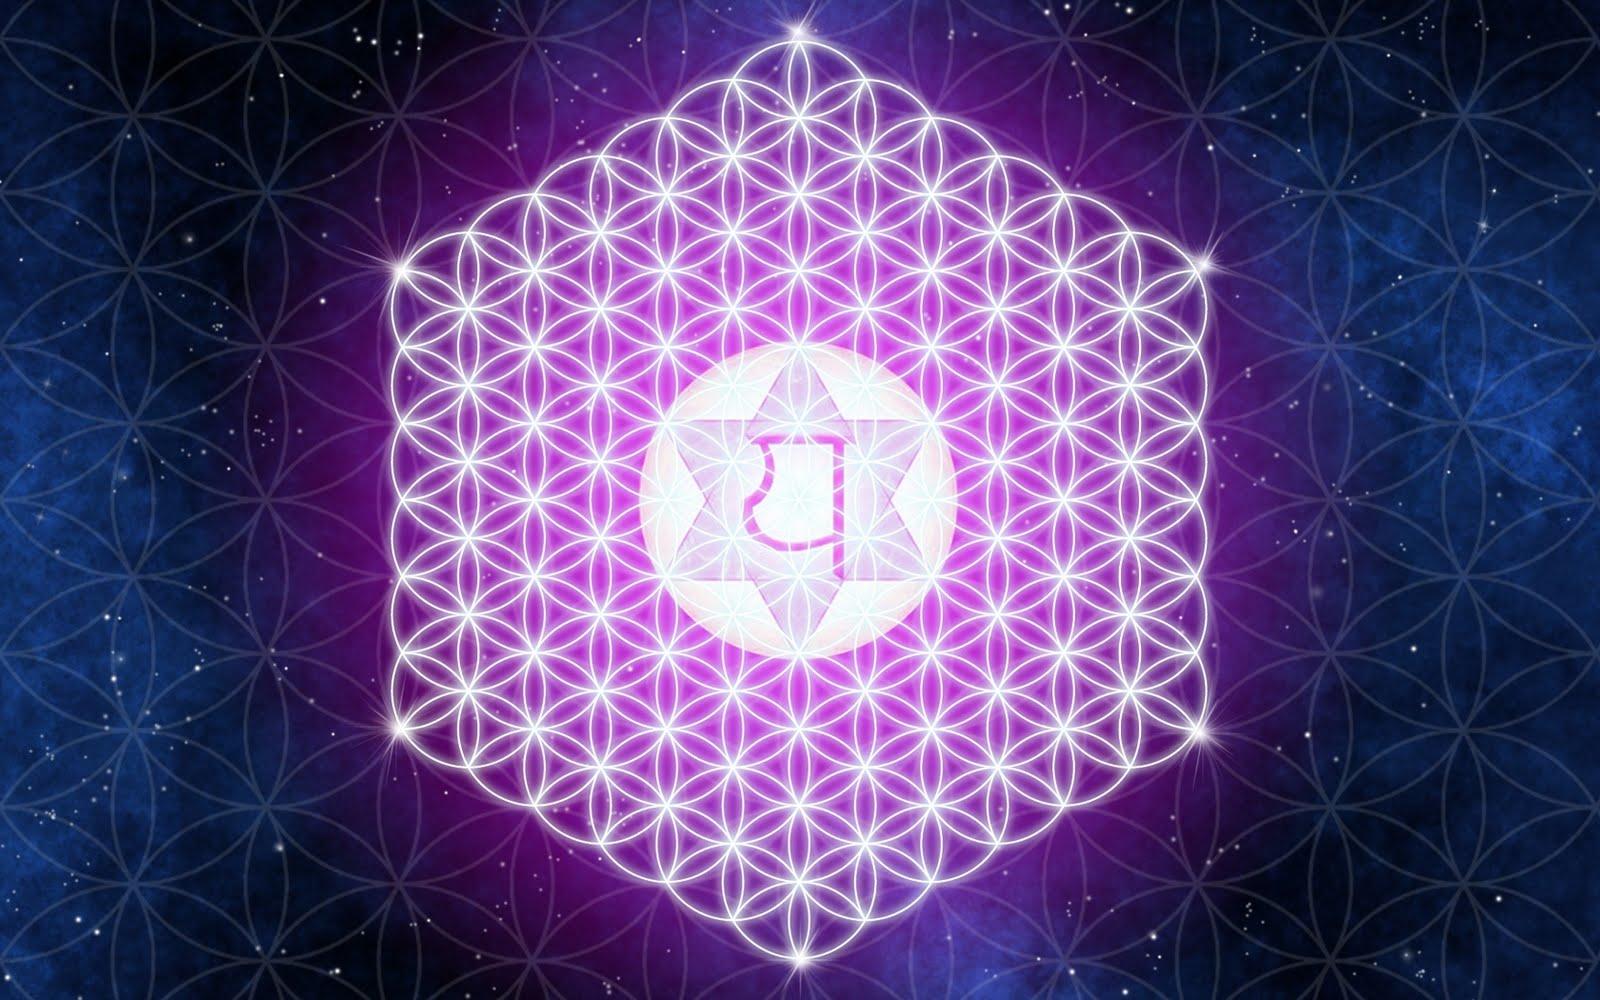 http://1.bp.blogspot.com/_Ym3du2sG3R4/TDZOobrXGKI/AAAAAAAACm4/4dWe42Lny3c/s1600/3D-Abstract-Pink-wallpaper.jpg